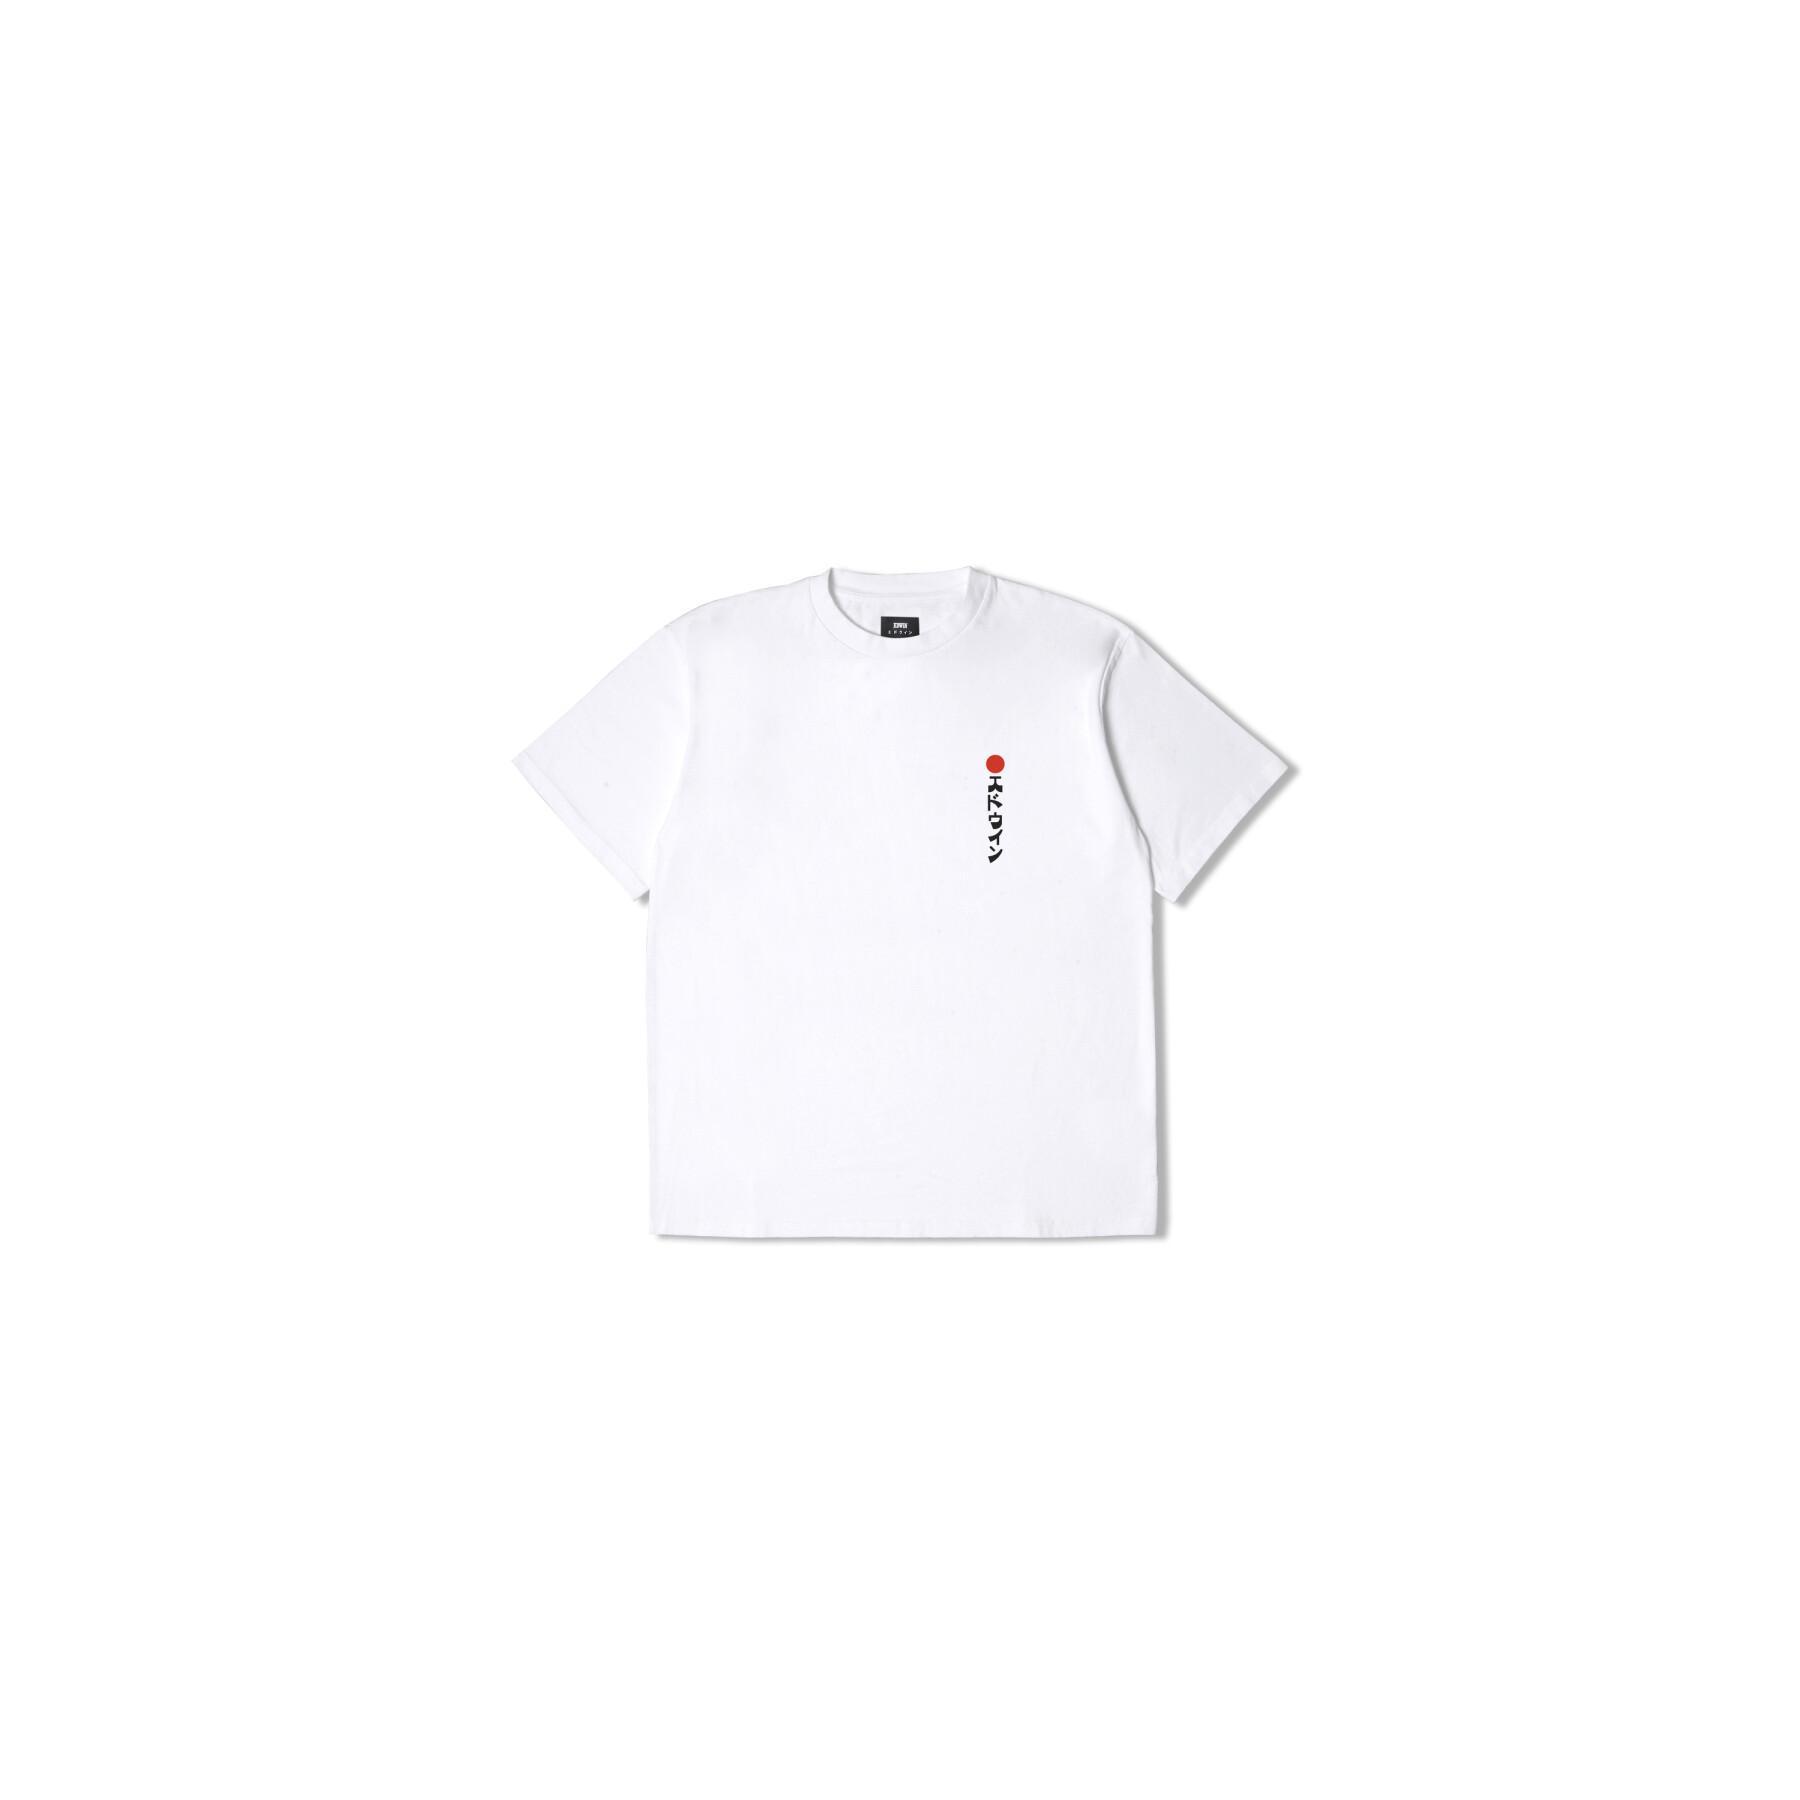 T-shirt Edwin Kamifuji